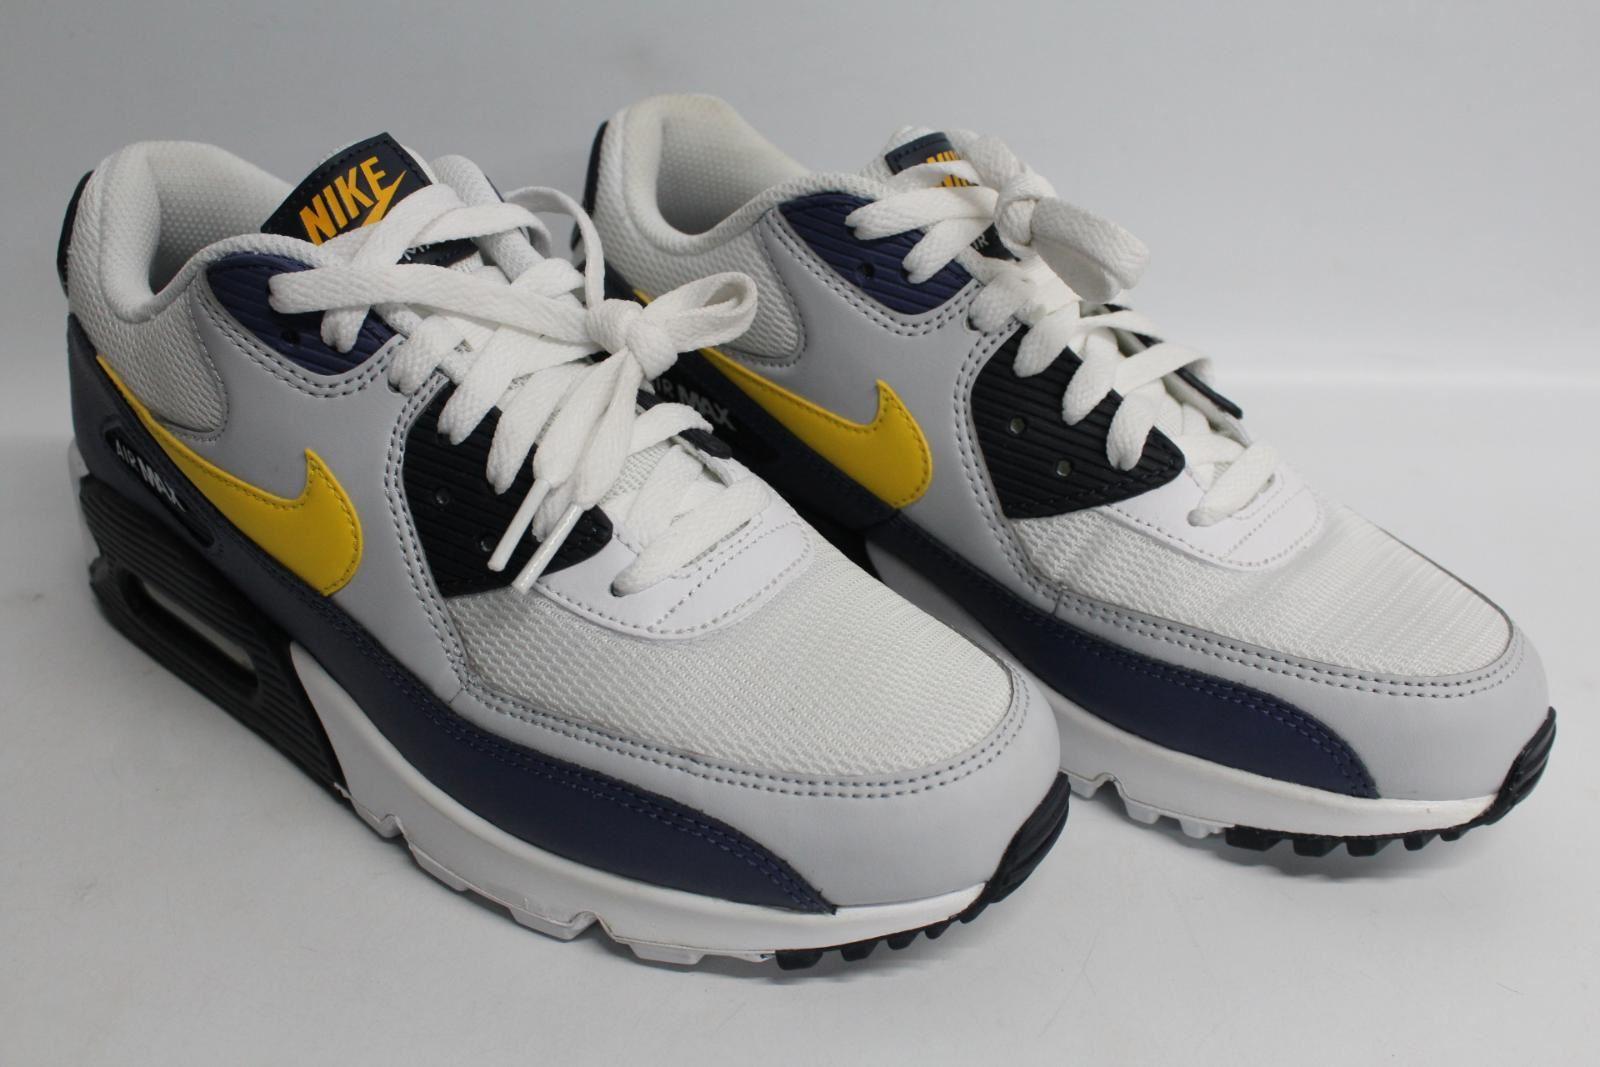 Nike-Men-039-S-Navy-Blu-Giallo-amp-Bianco-AIR-MAX-90-Essential-Scarpe-da-ginnastica-EU41-UK7-NUOVO